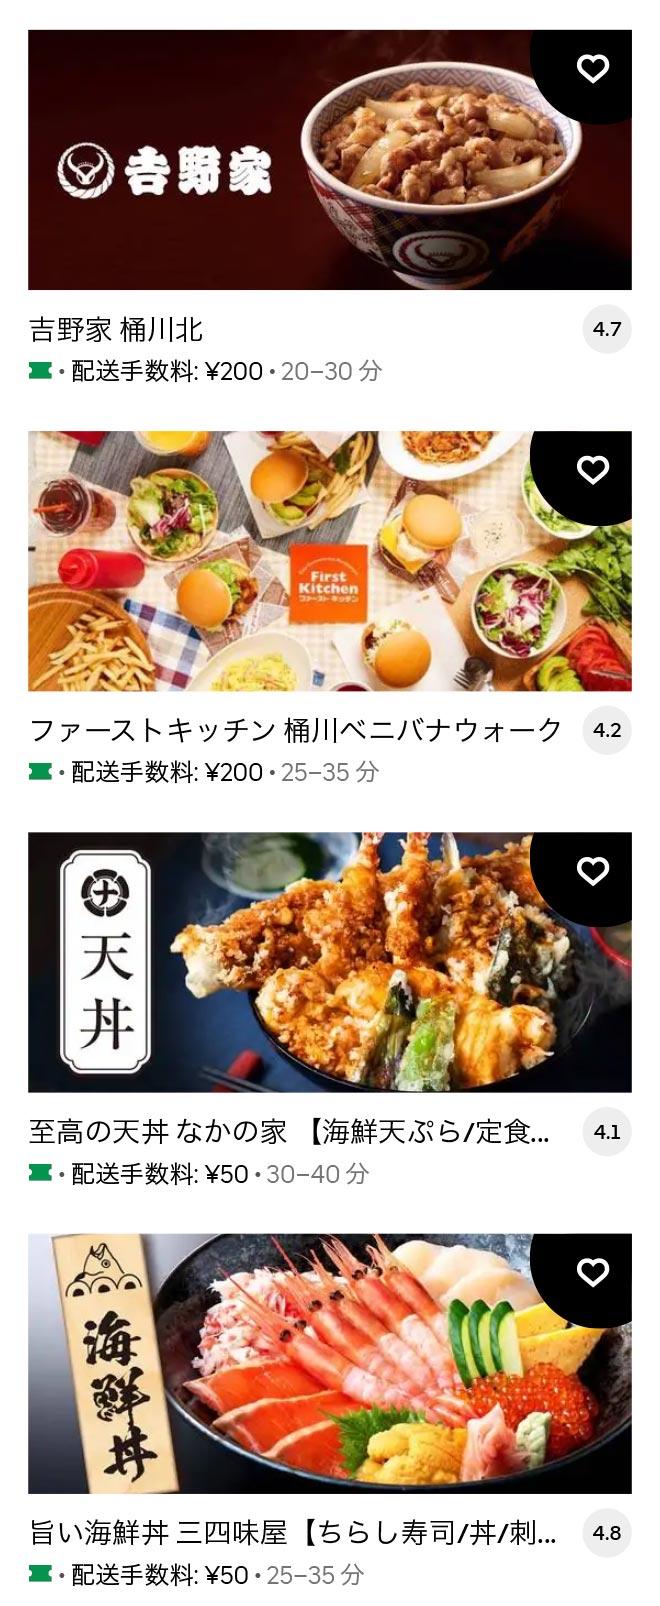 U okegawa 2102 06